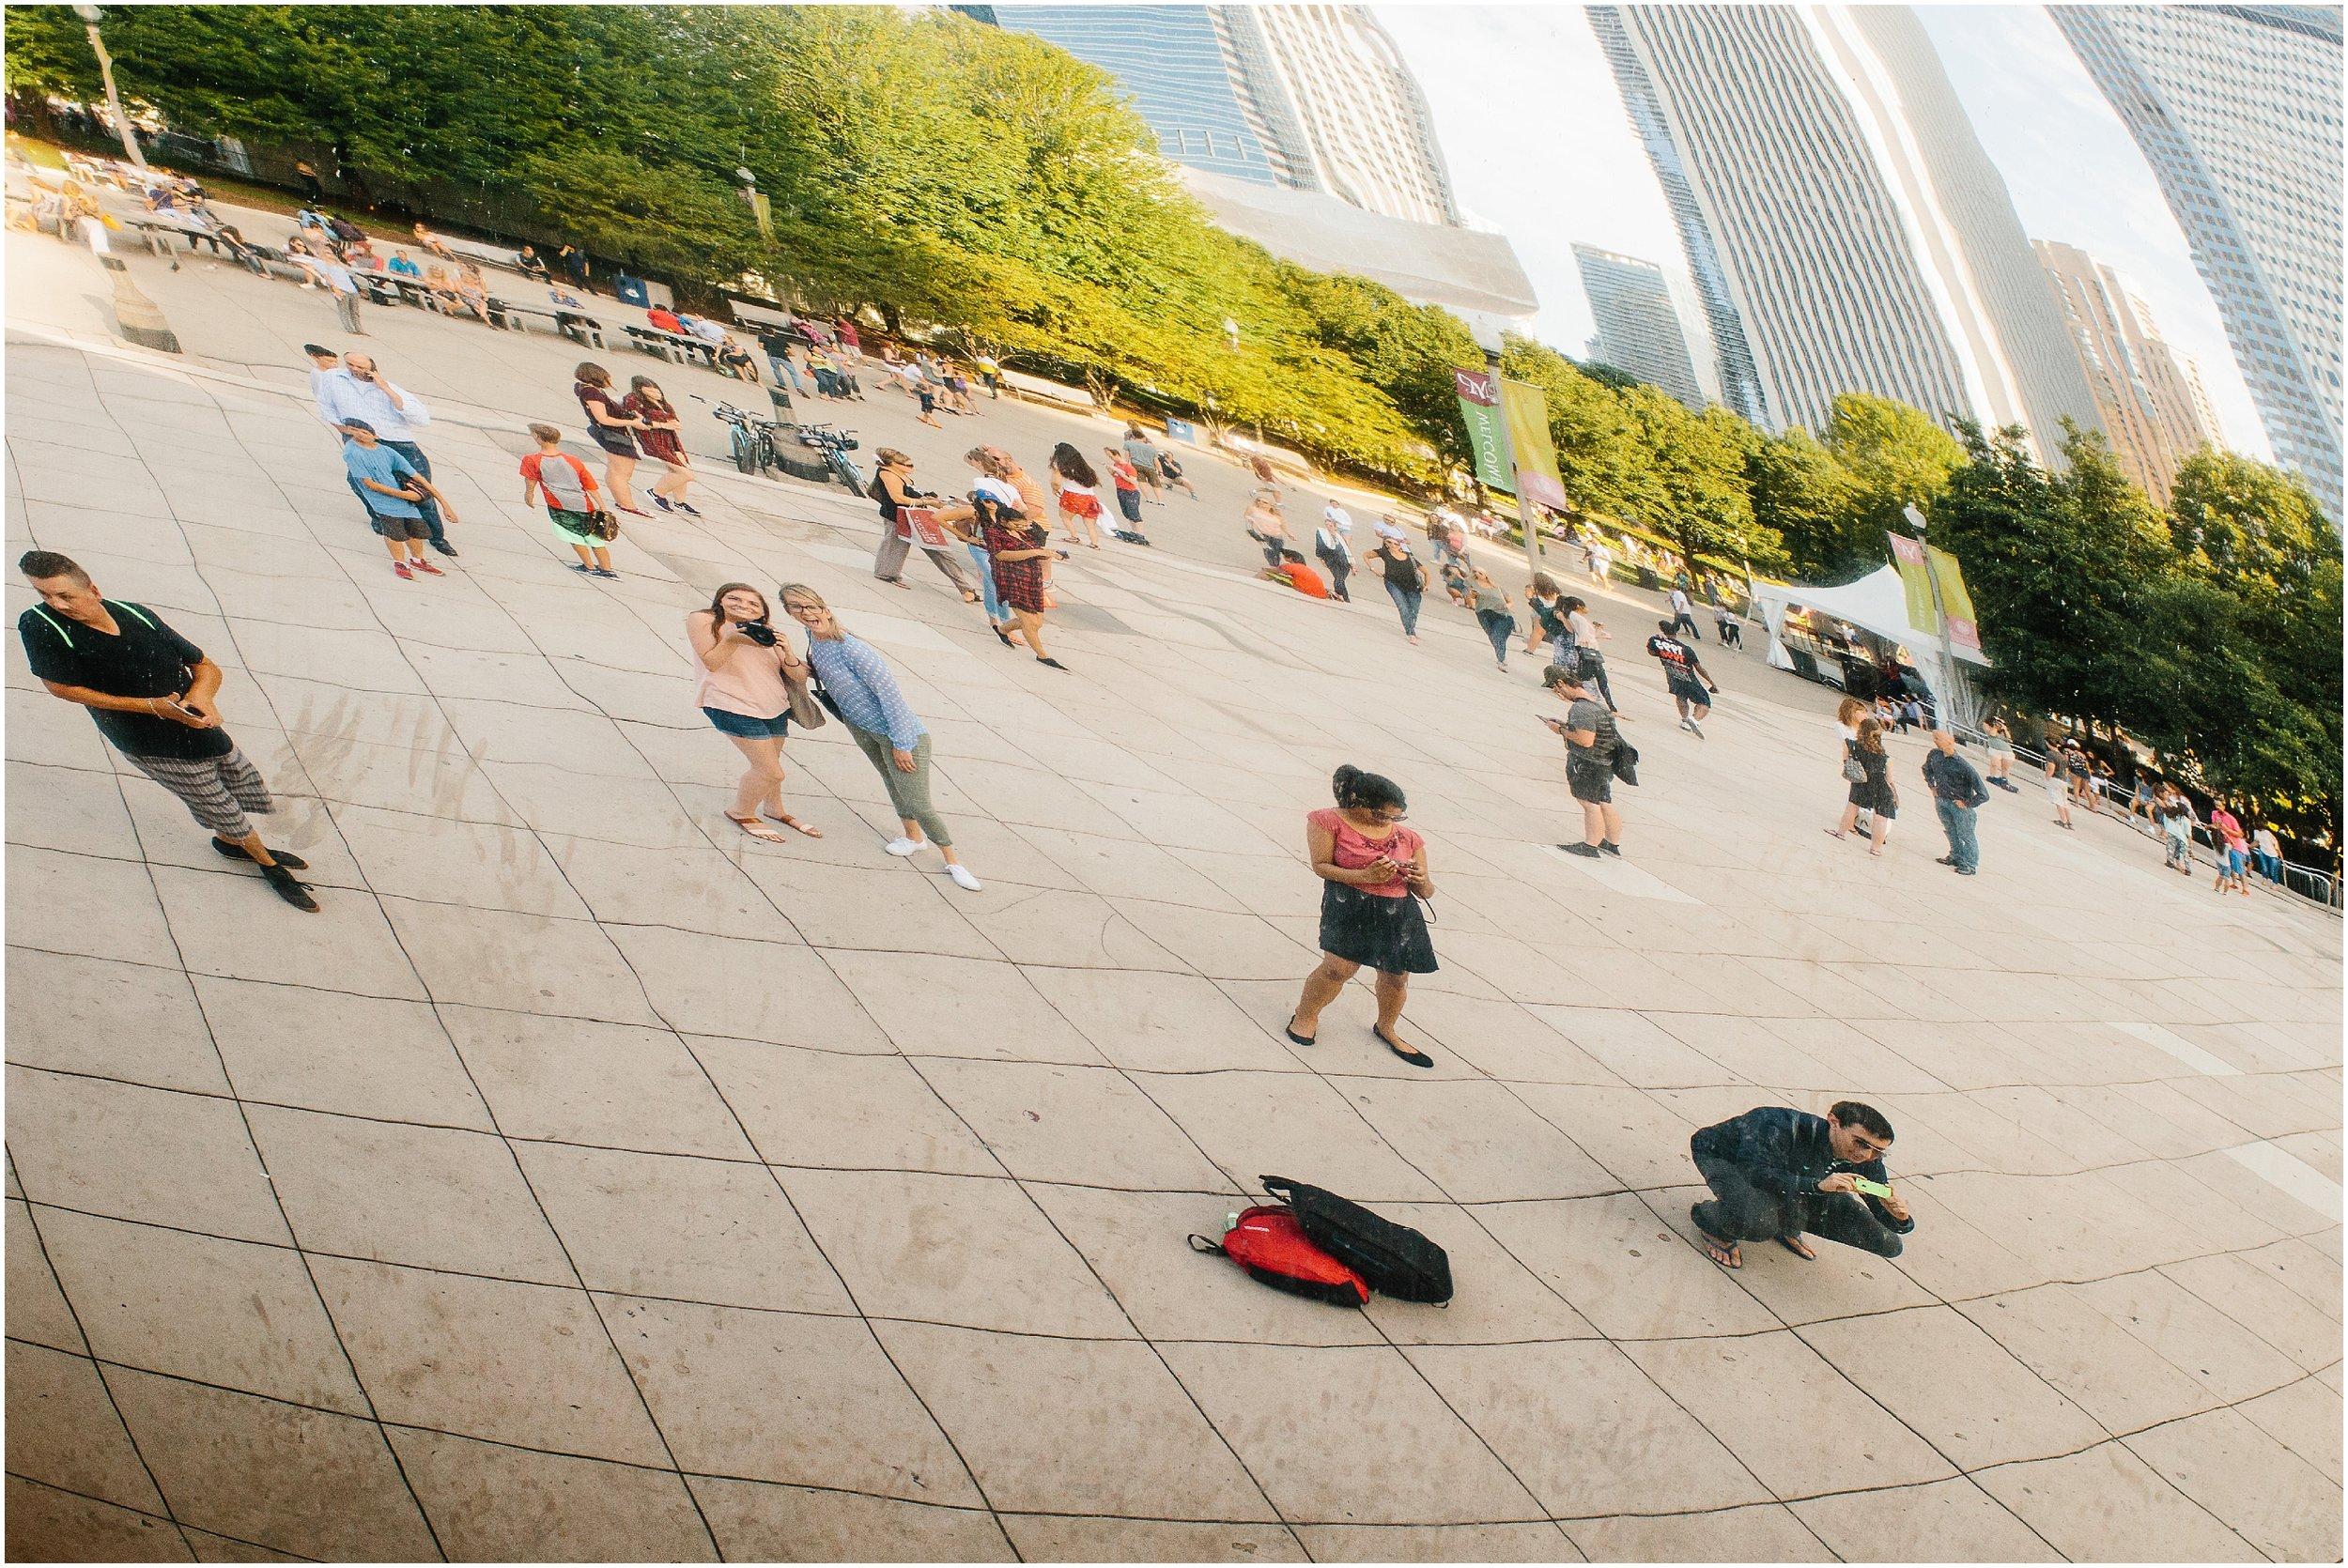 chicago_travel_guide_0501.jpg